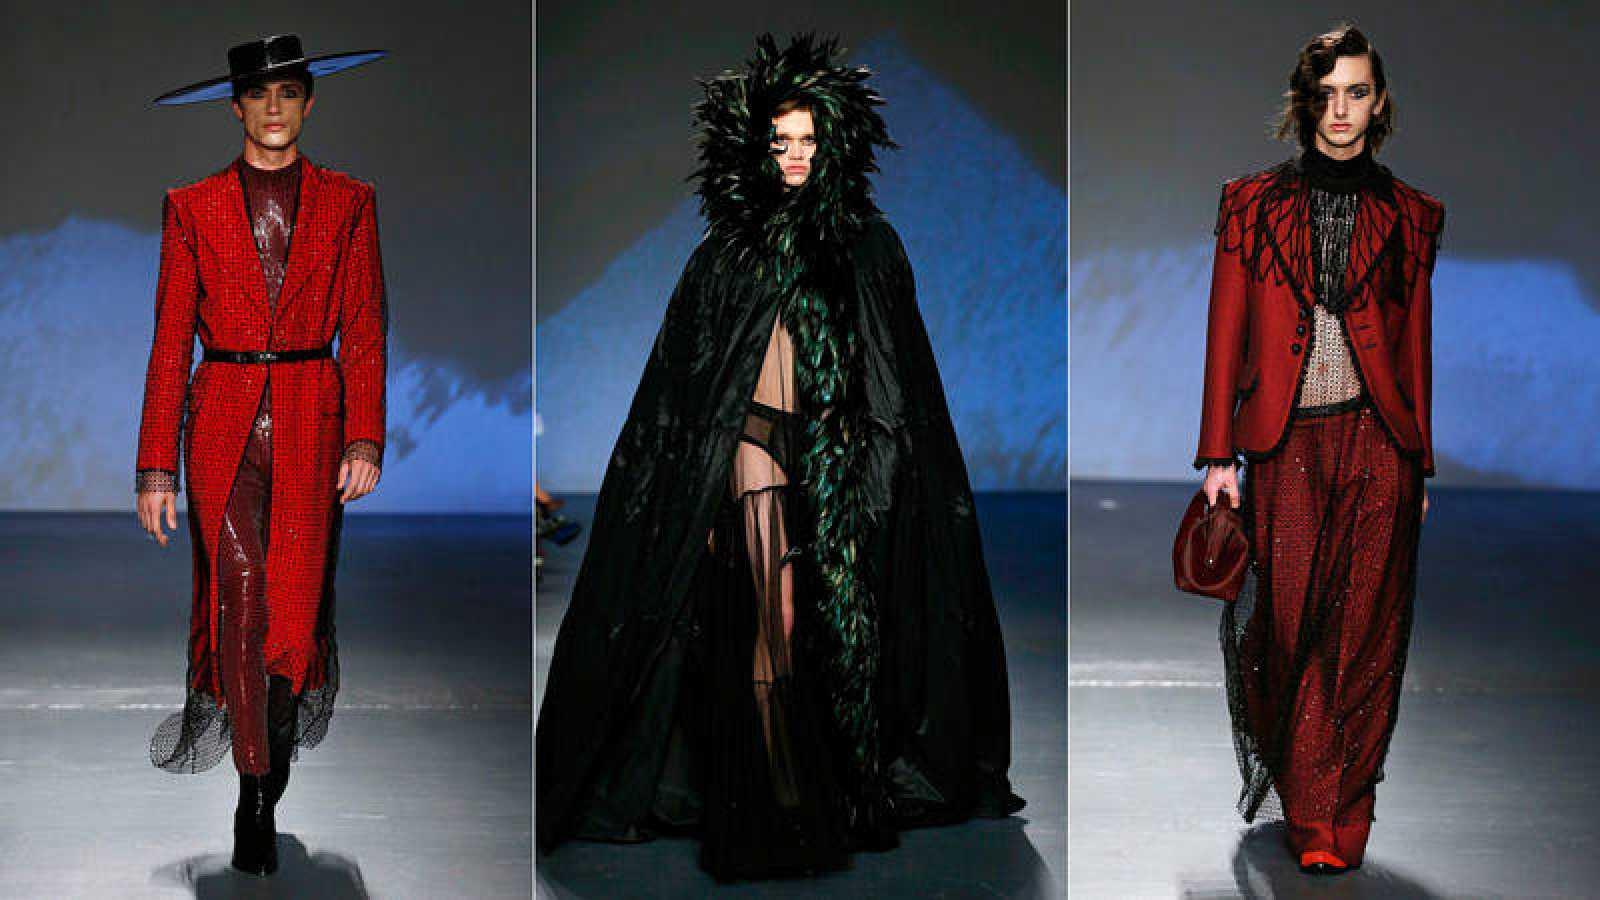 Palomo Spain, expuesto en el Met, pasa a formar parte de historia de la moda